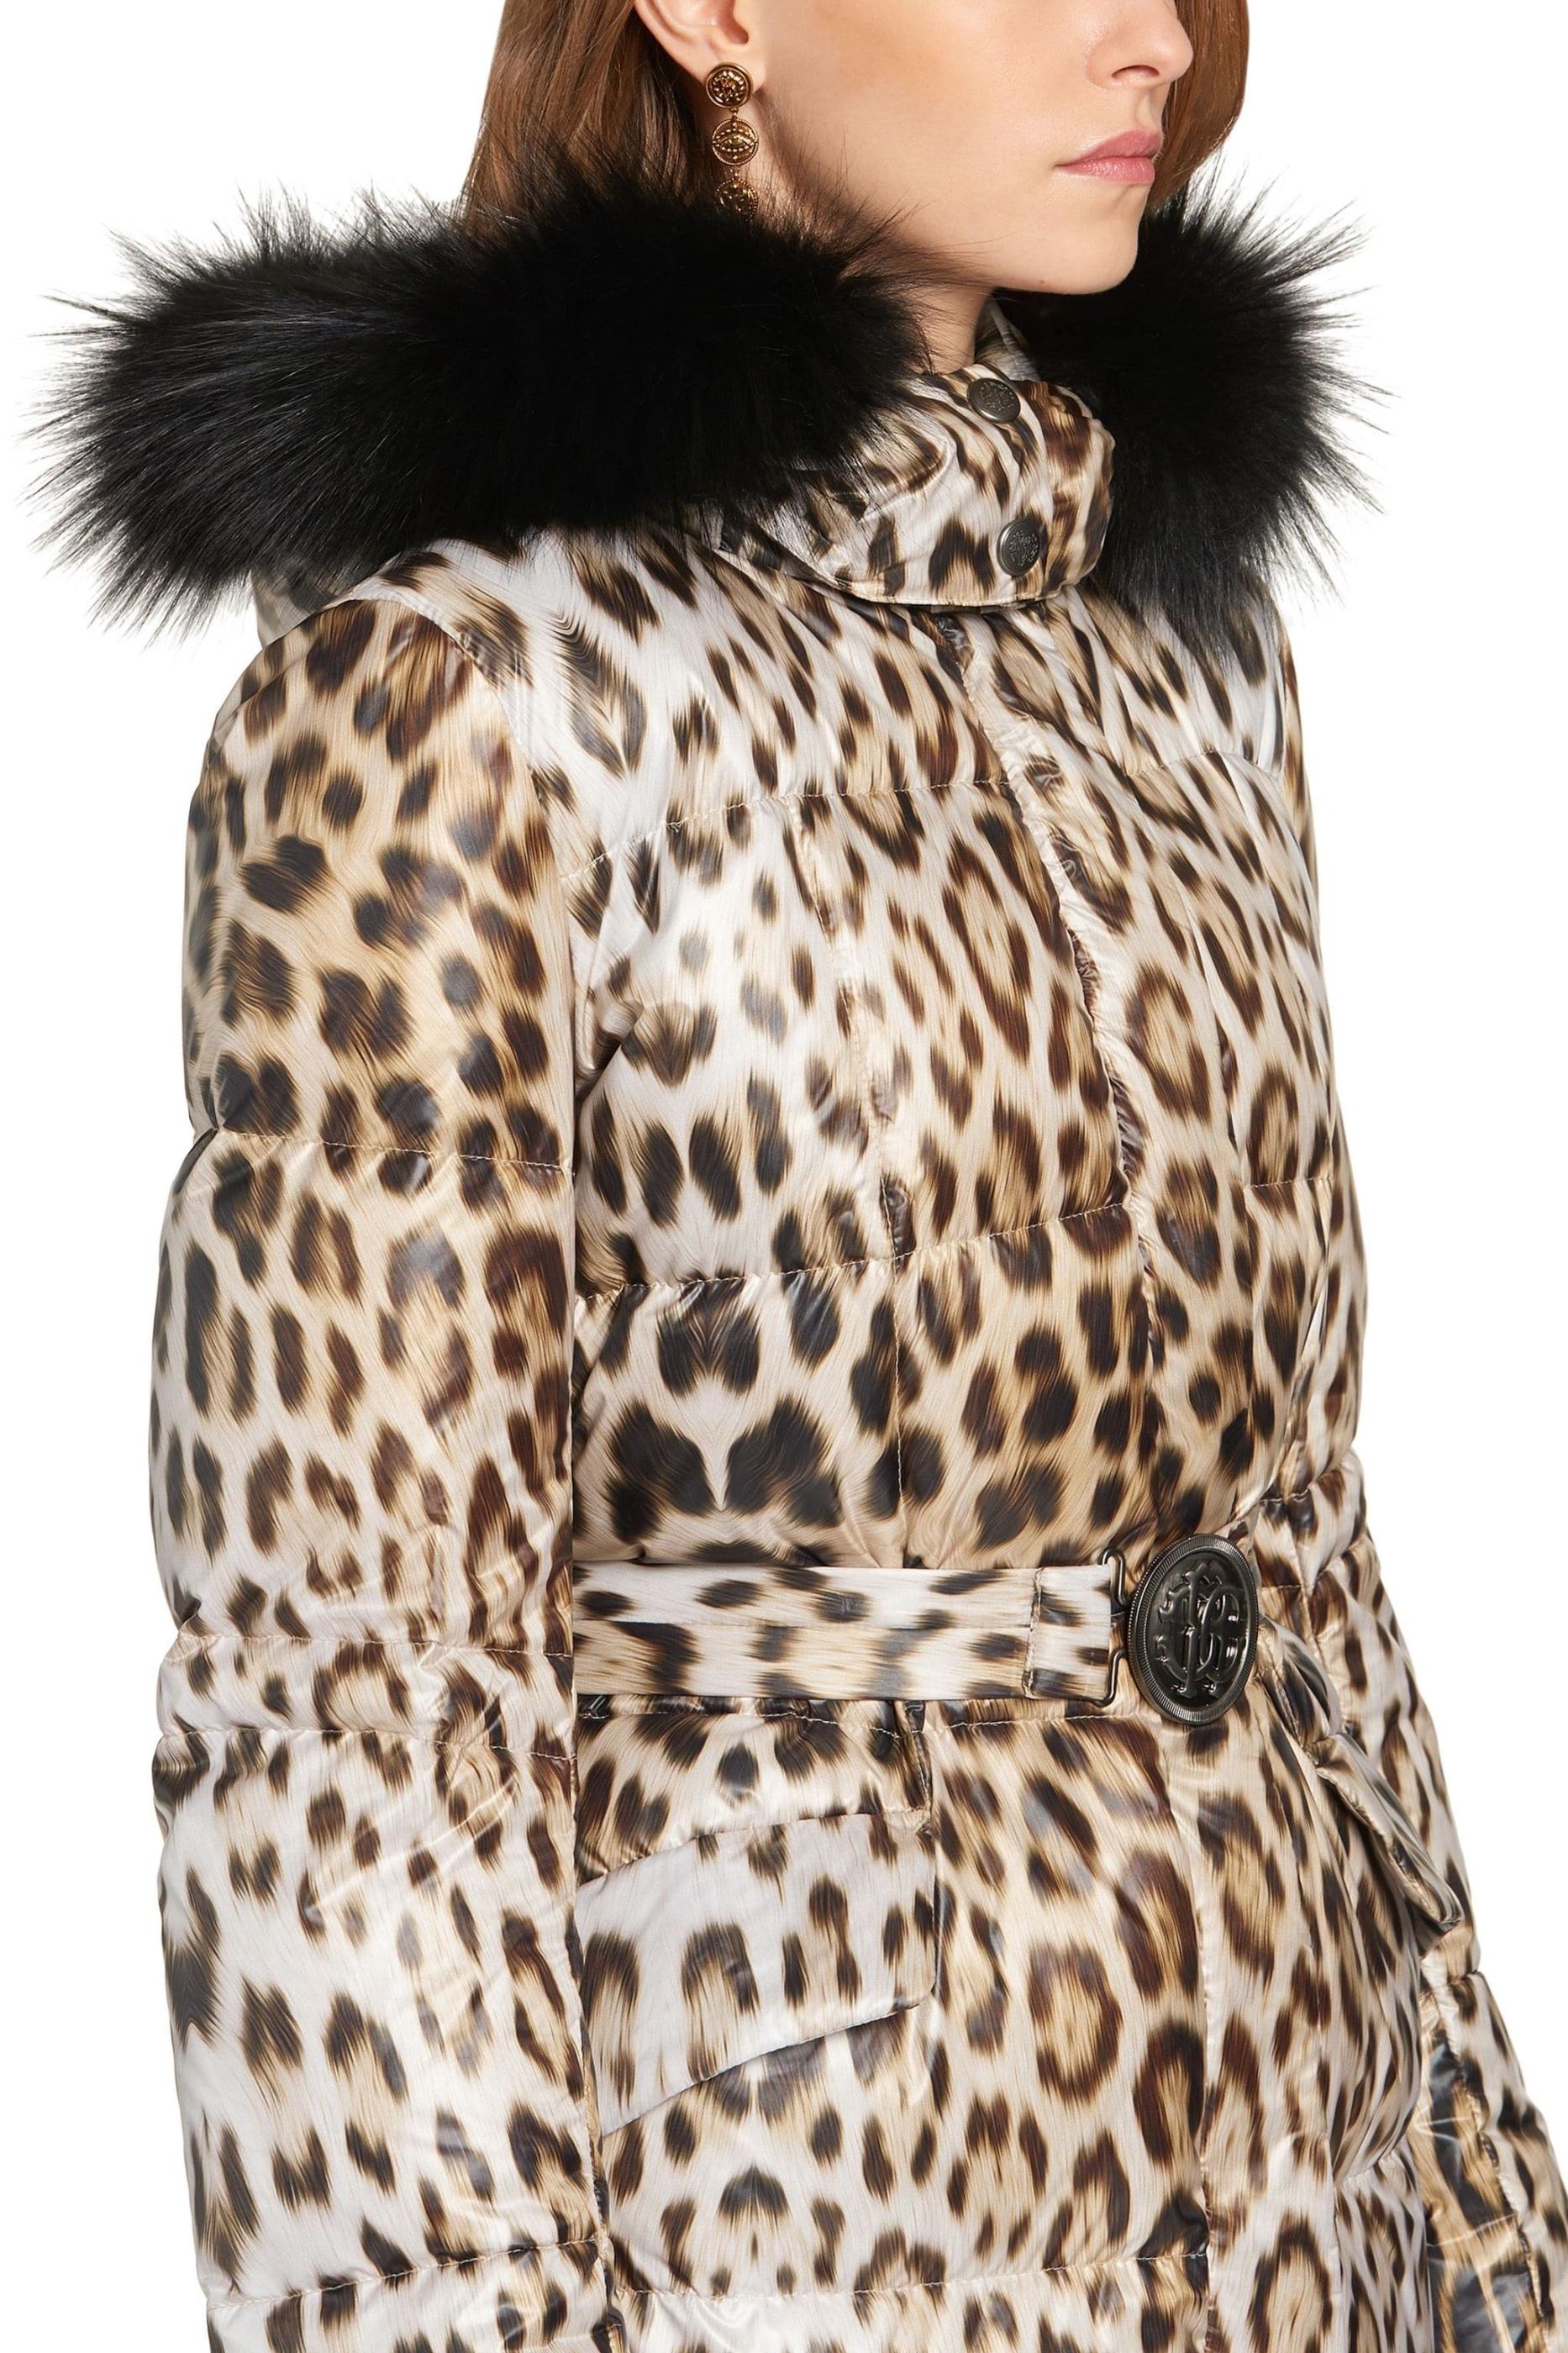 roberto-cavalli-heritage-jaguar-padded-jacket_13753547_18908096_2048